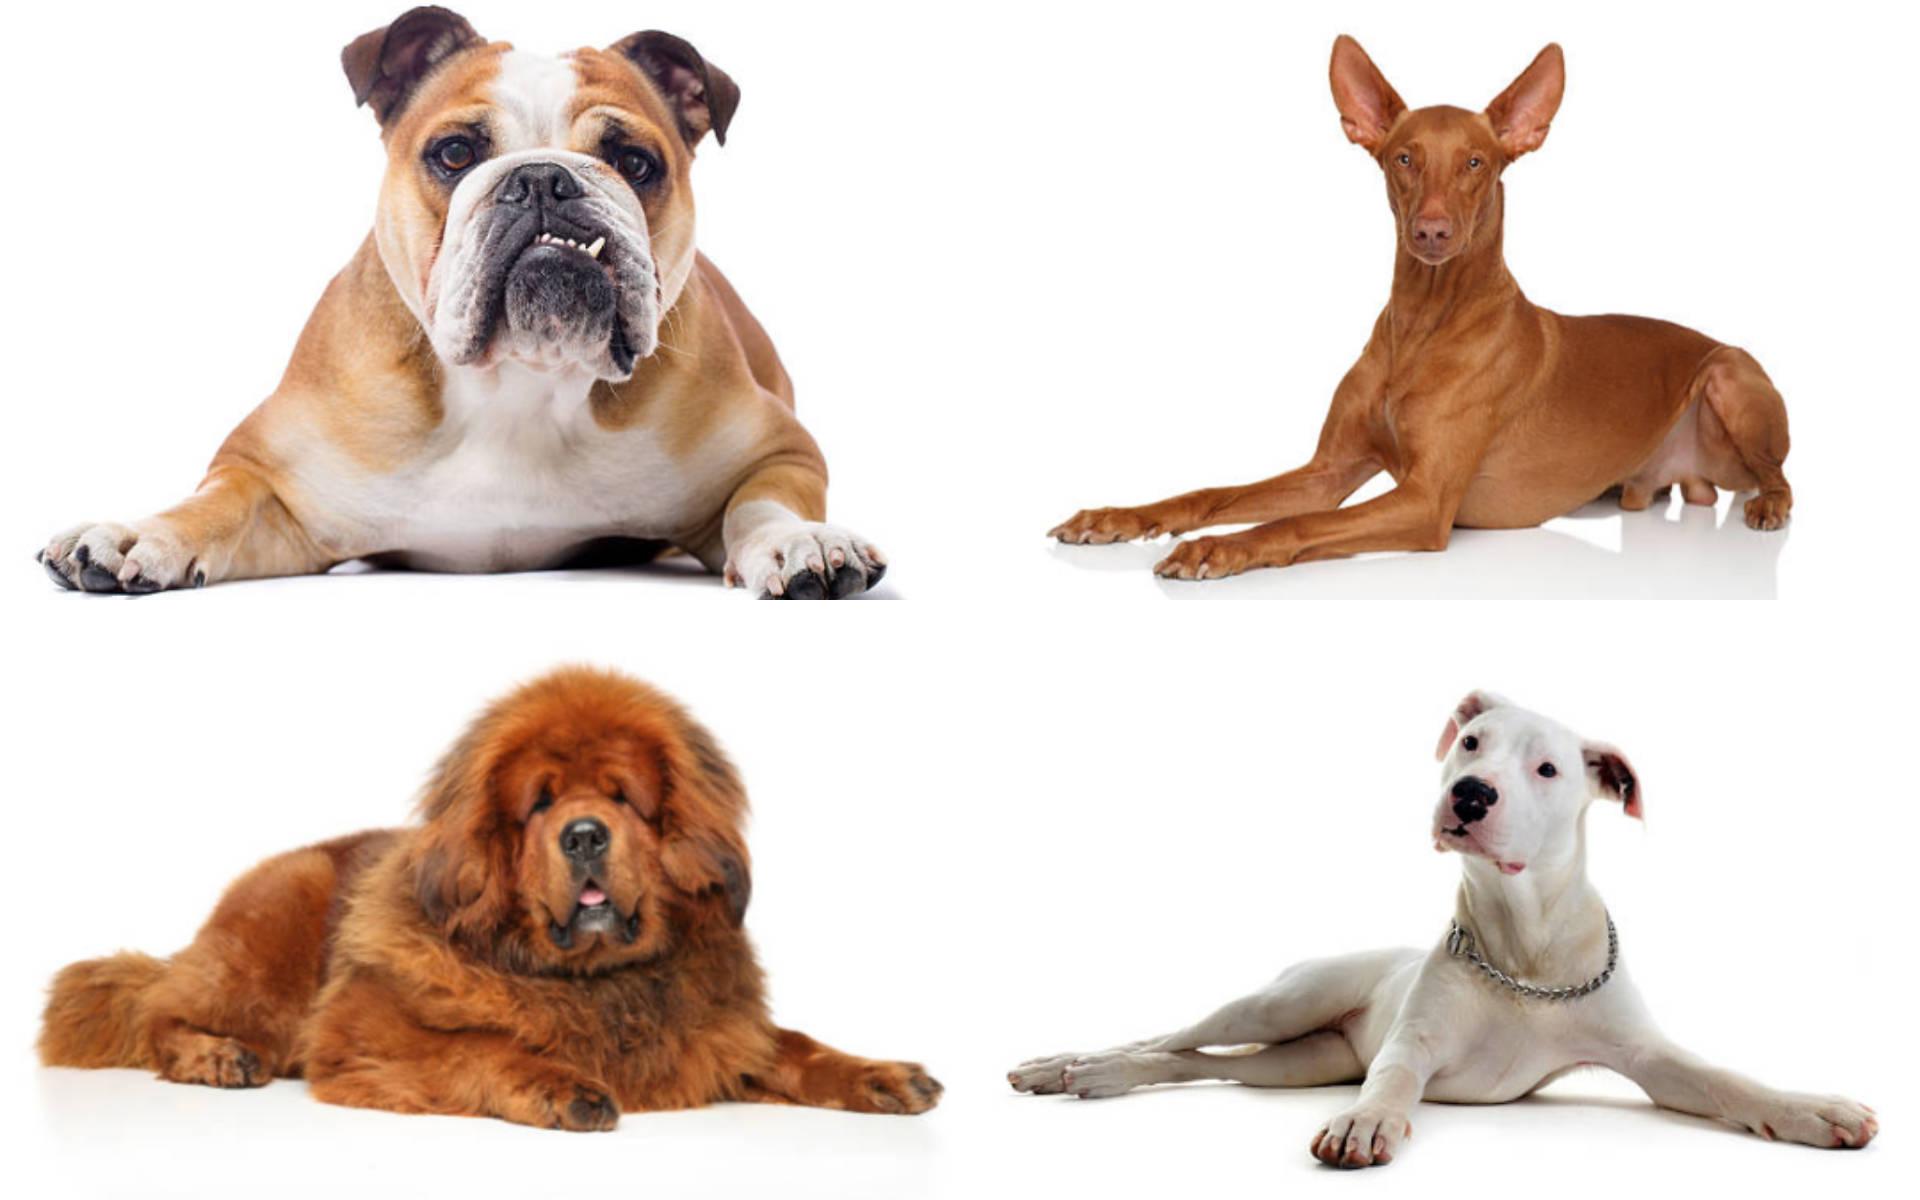 Mascotas: las razas de perros más caras del mundo - Gente - Cultura -  ELTIEMPO.COM